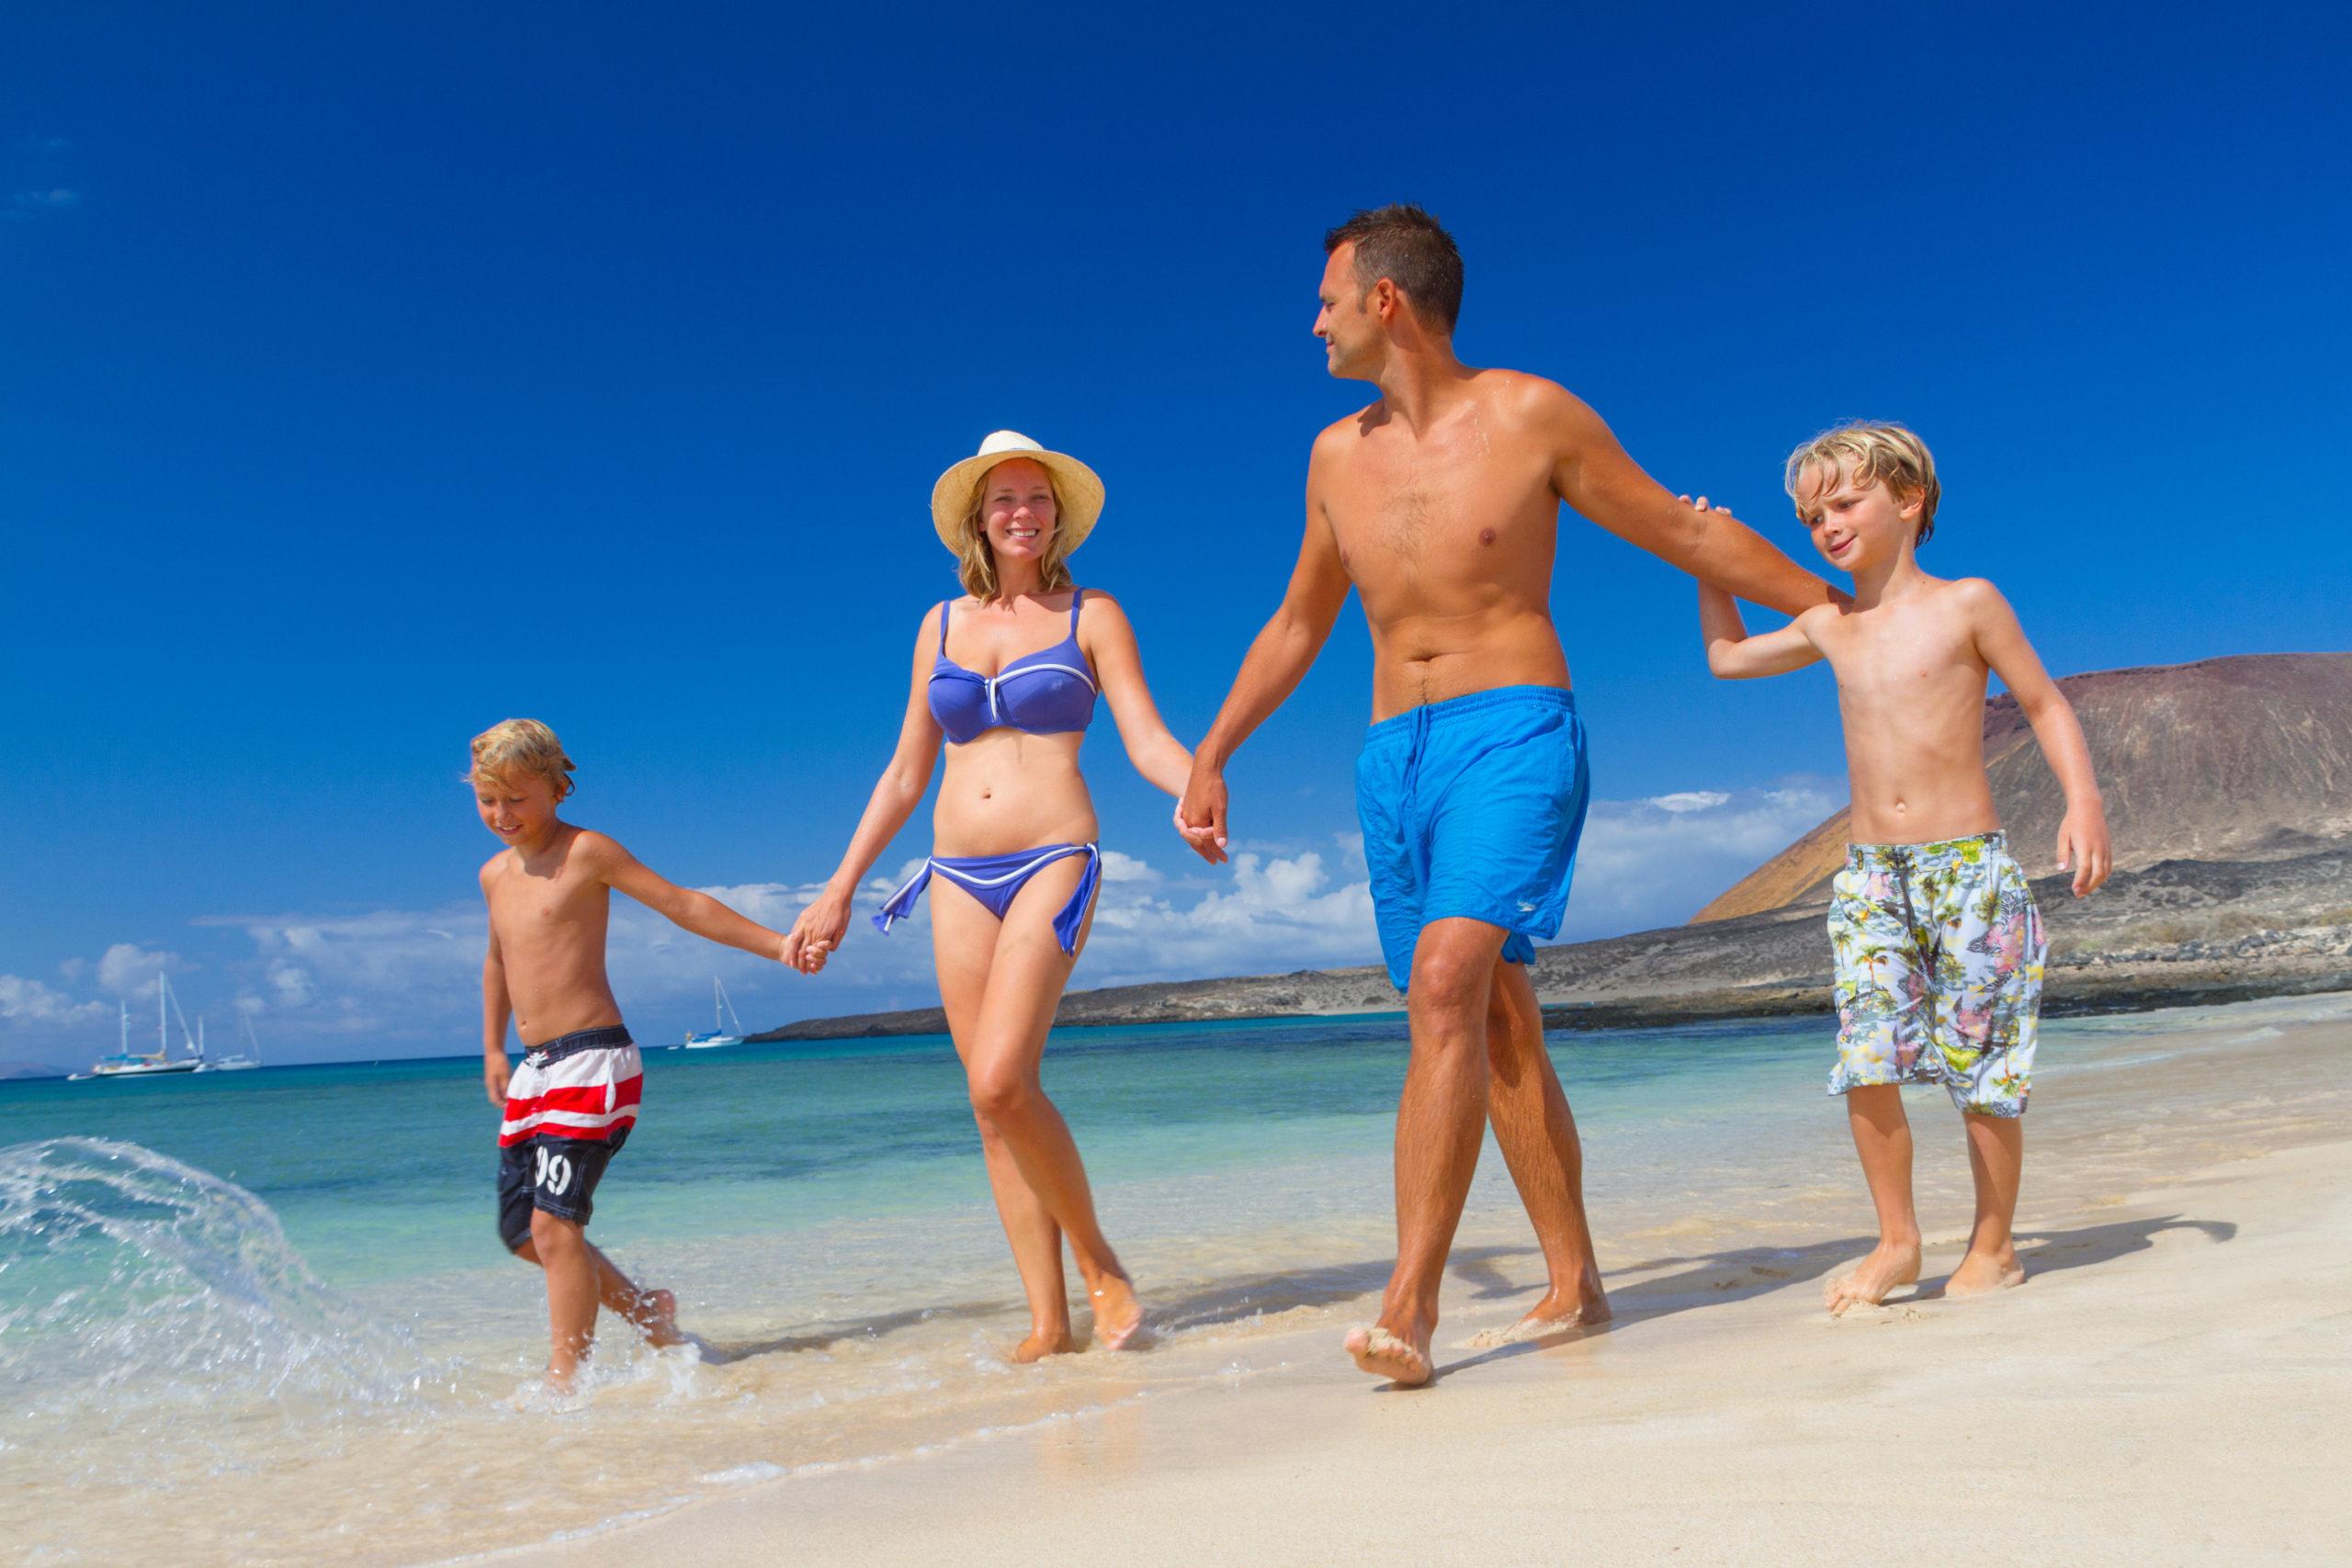 Kanári-szigetek-családi-nyaralás-pihenés-Tenerife-Gran-Canaria-Fuerteventura-3-scaled.jpg